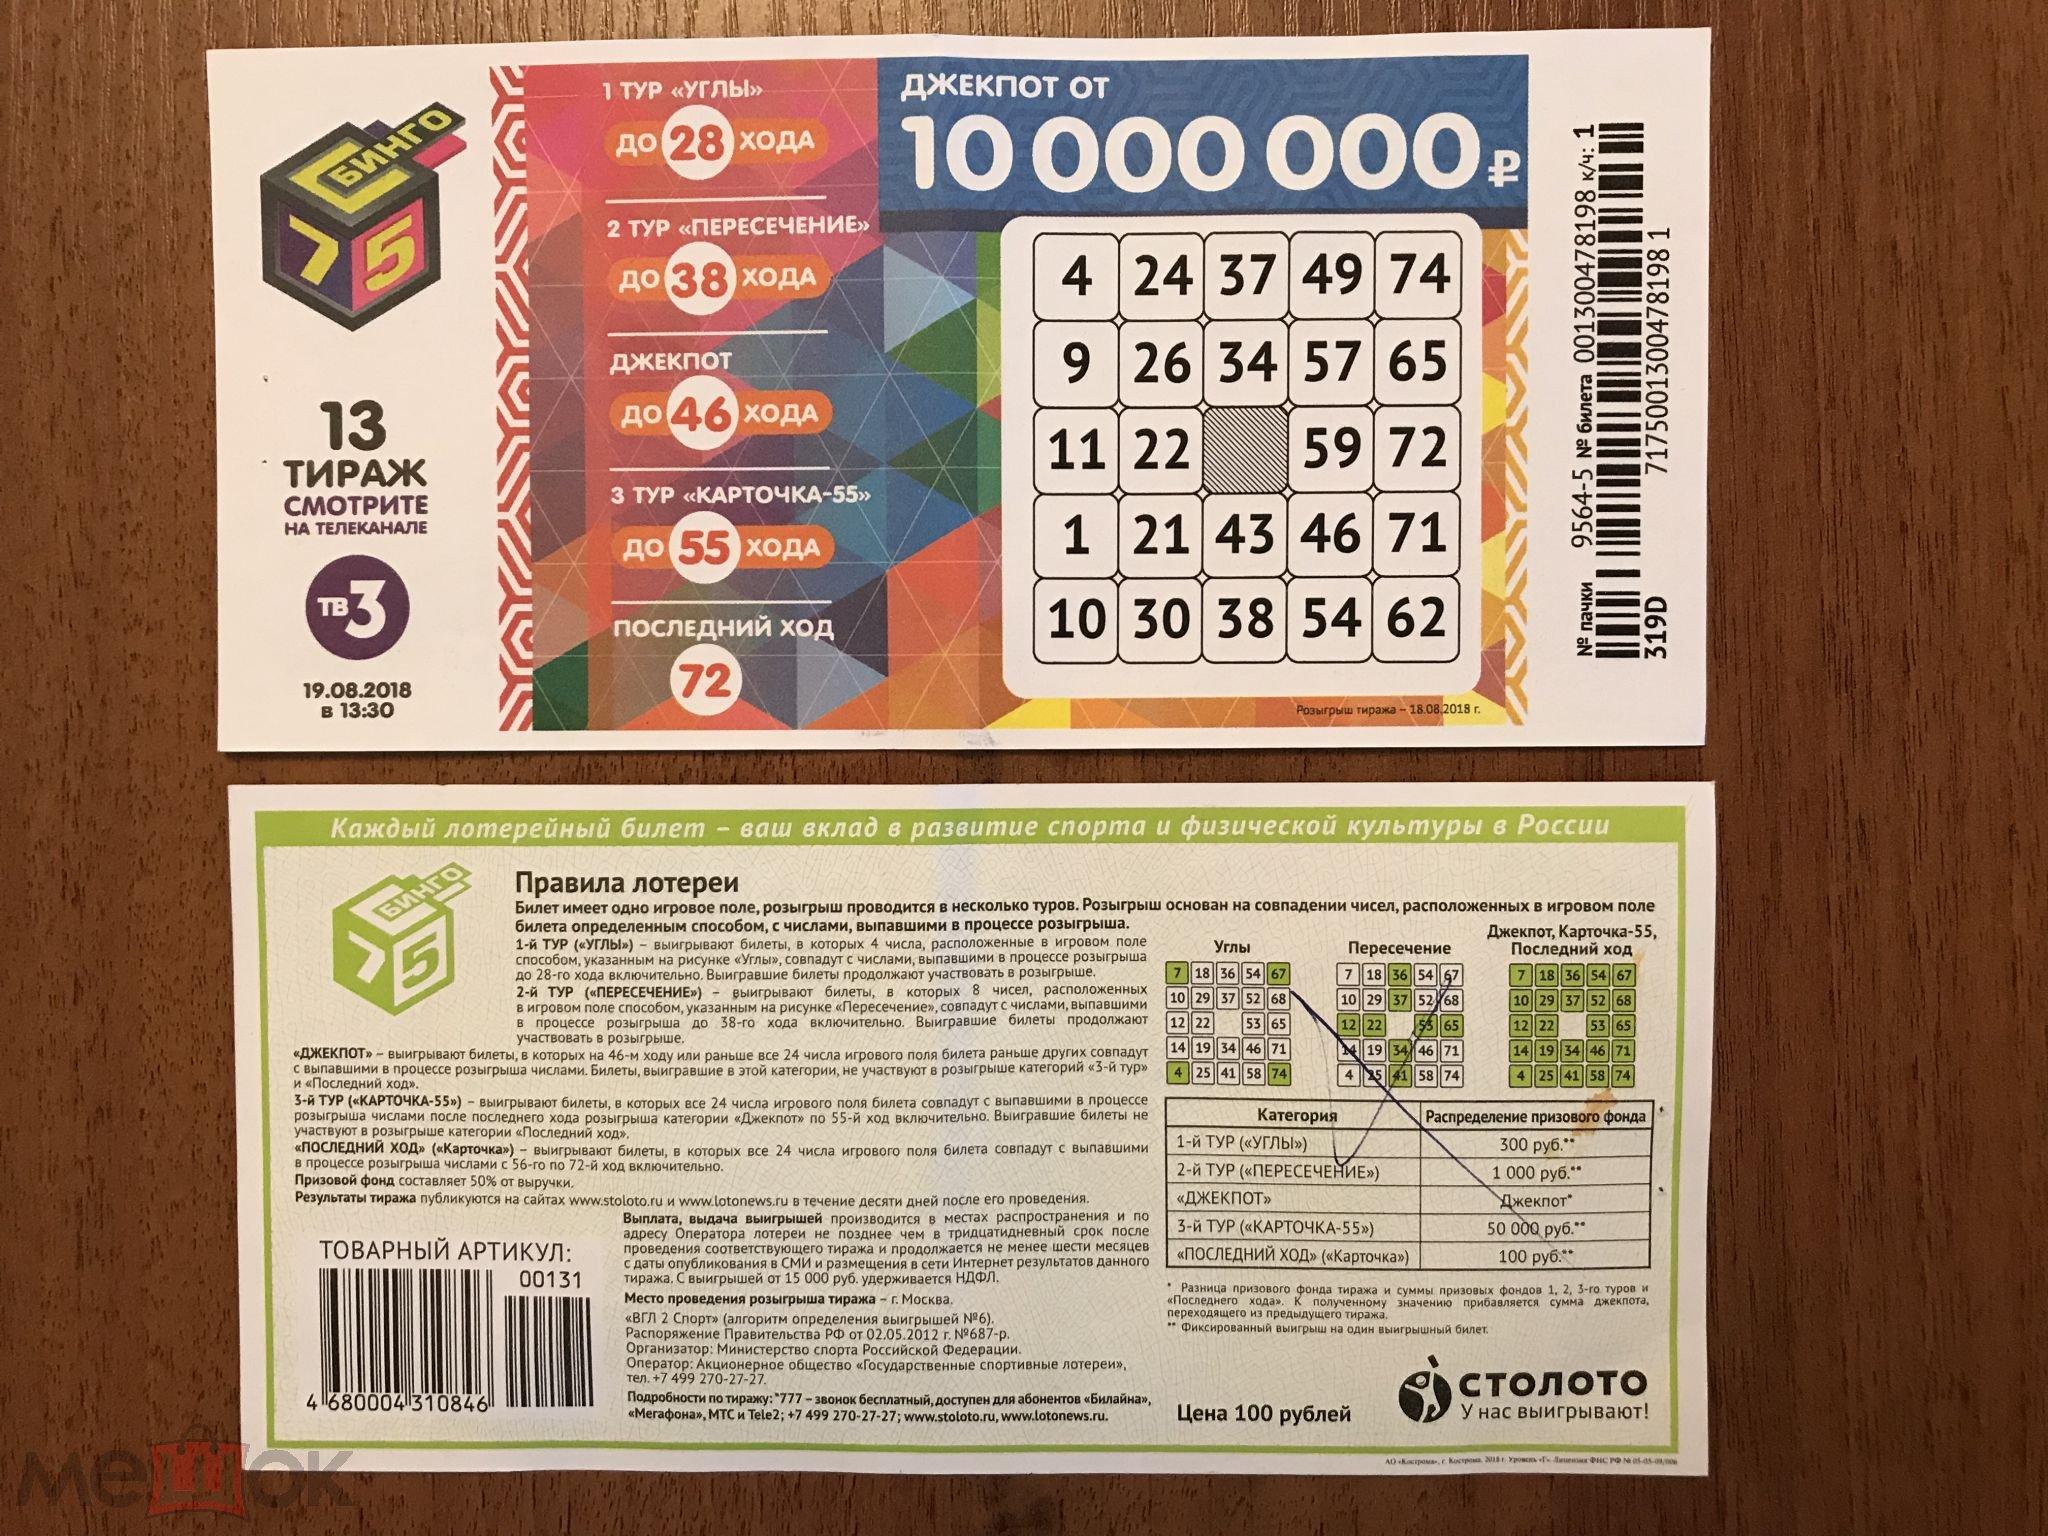 джойказино лотерейные билеты розыгрыш